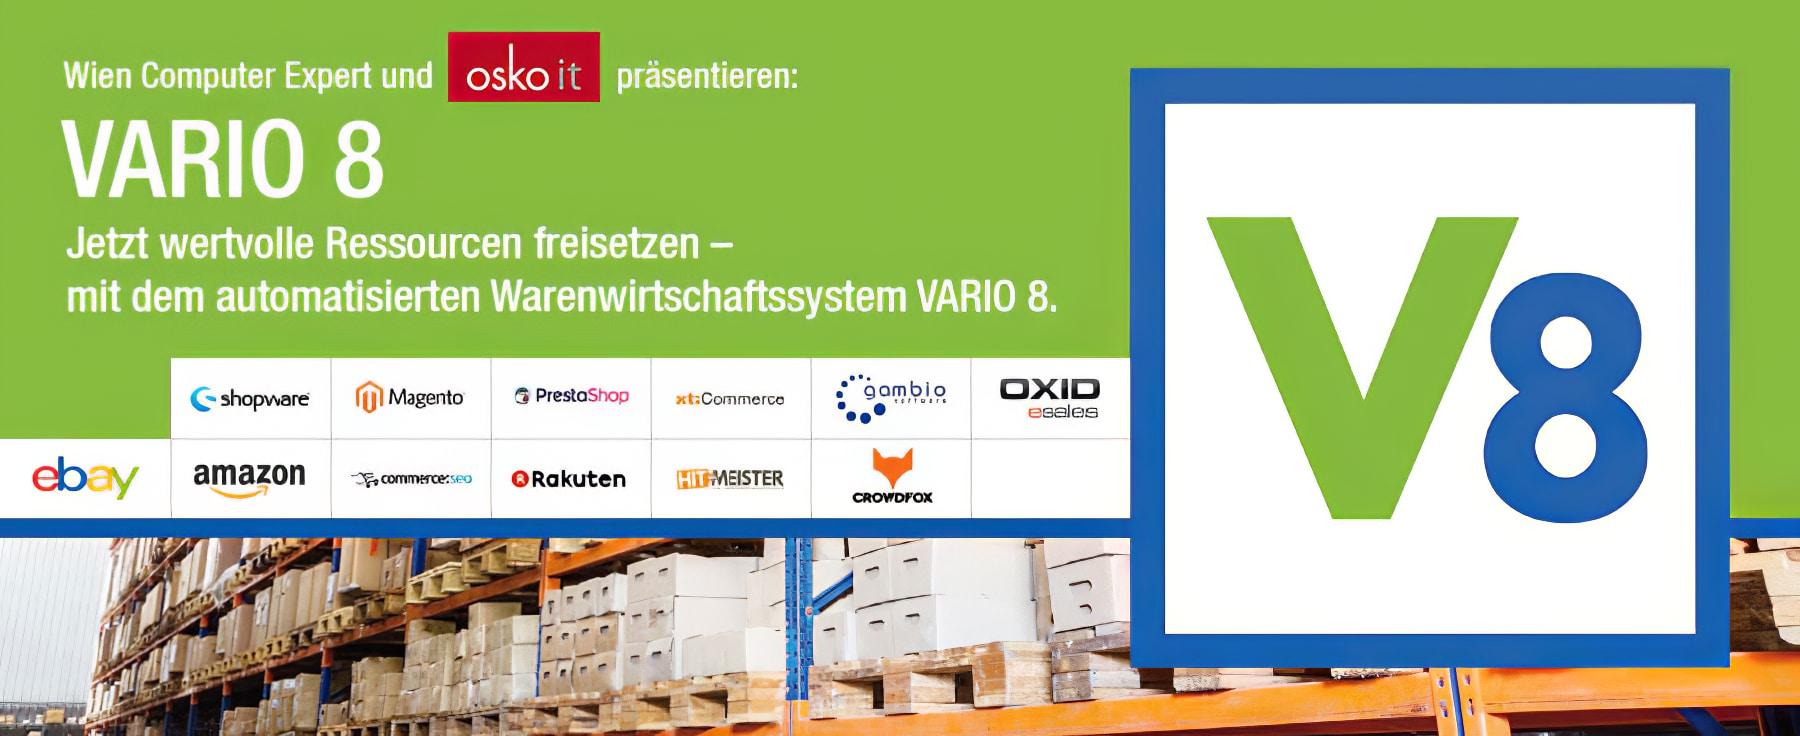 Vario 8 - automatisches Warenwirtschaftssystem